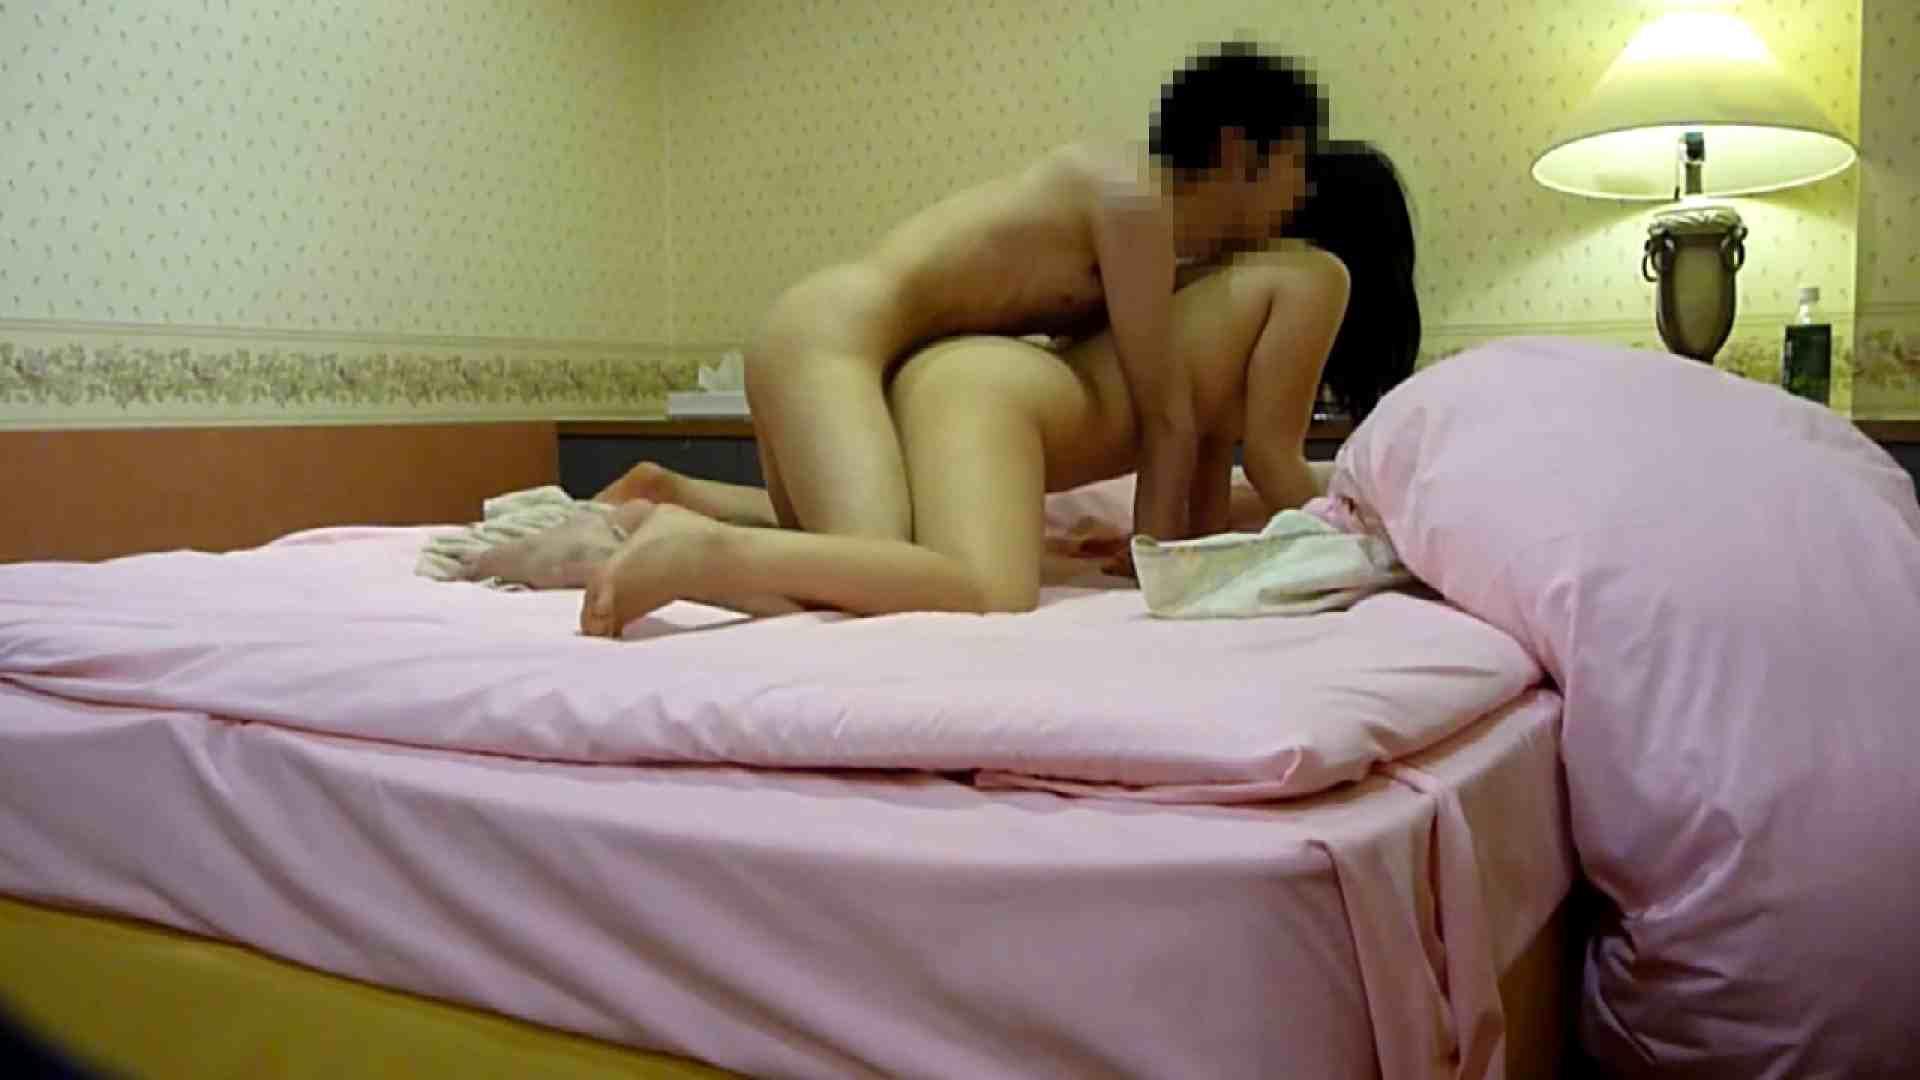 【完全素人投稿】誰にしようか!?やりチン健太の本日もデリ嬢いただきま~す!!05 投稿 セックス画像 107枚 59